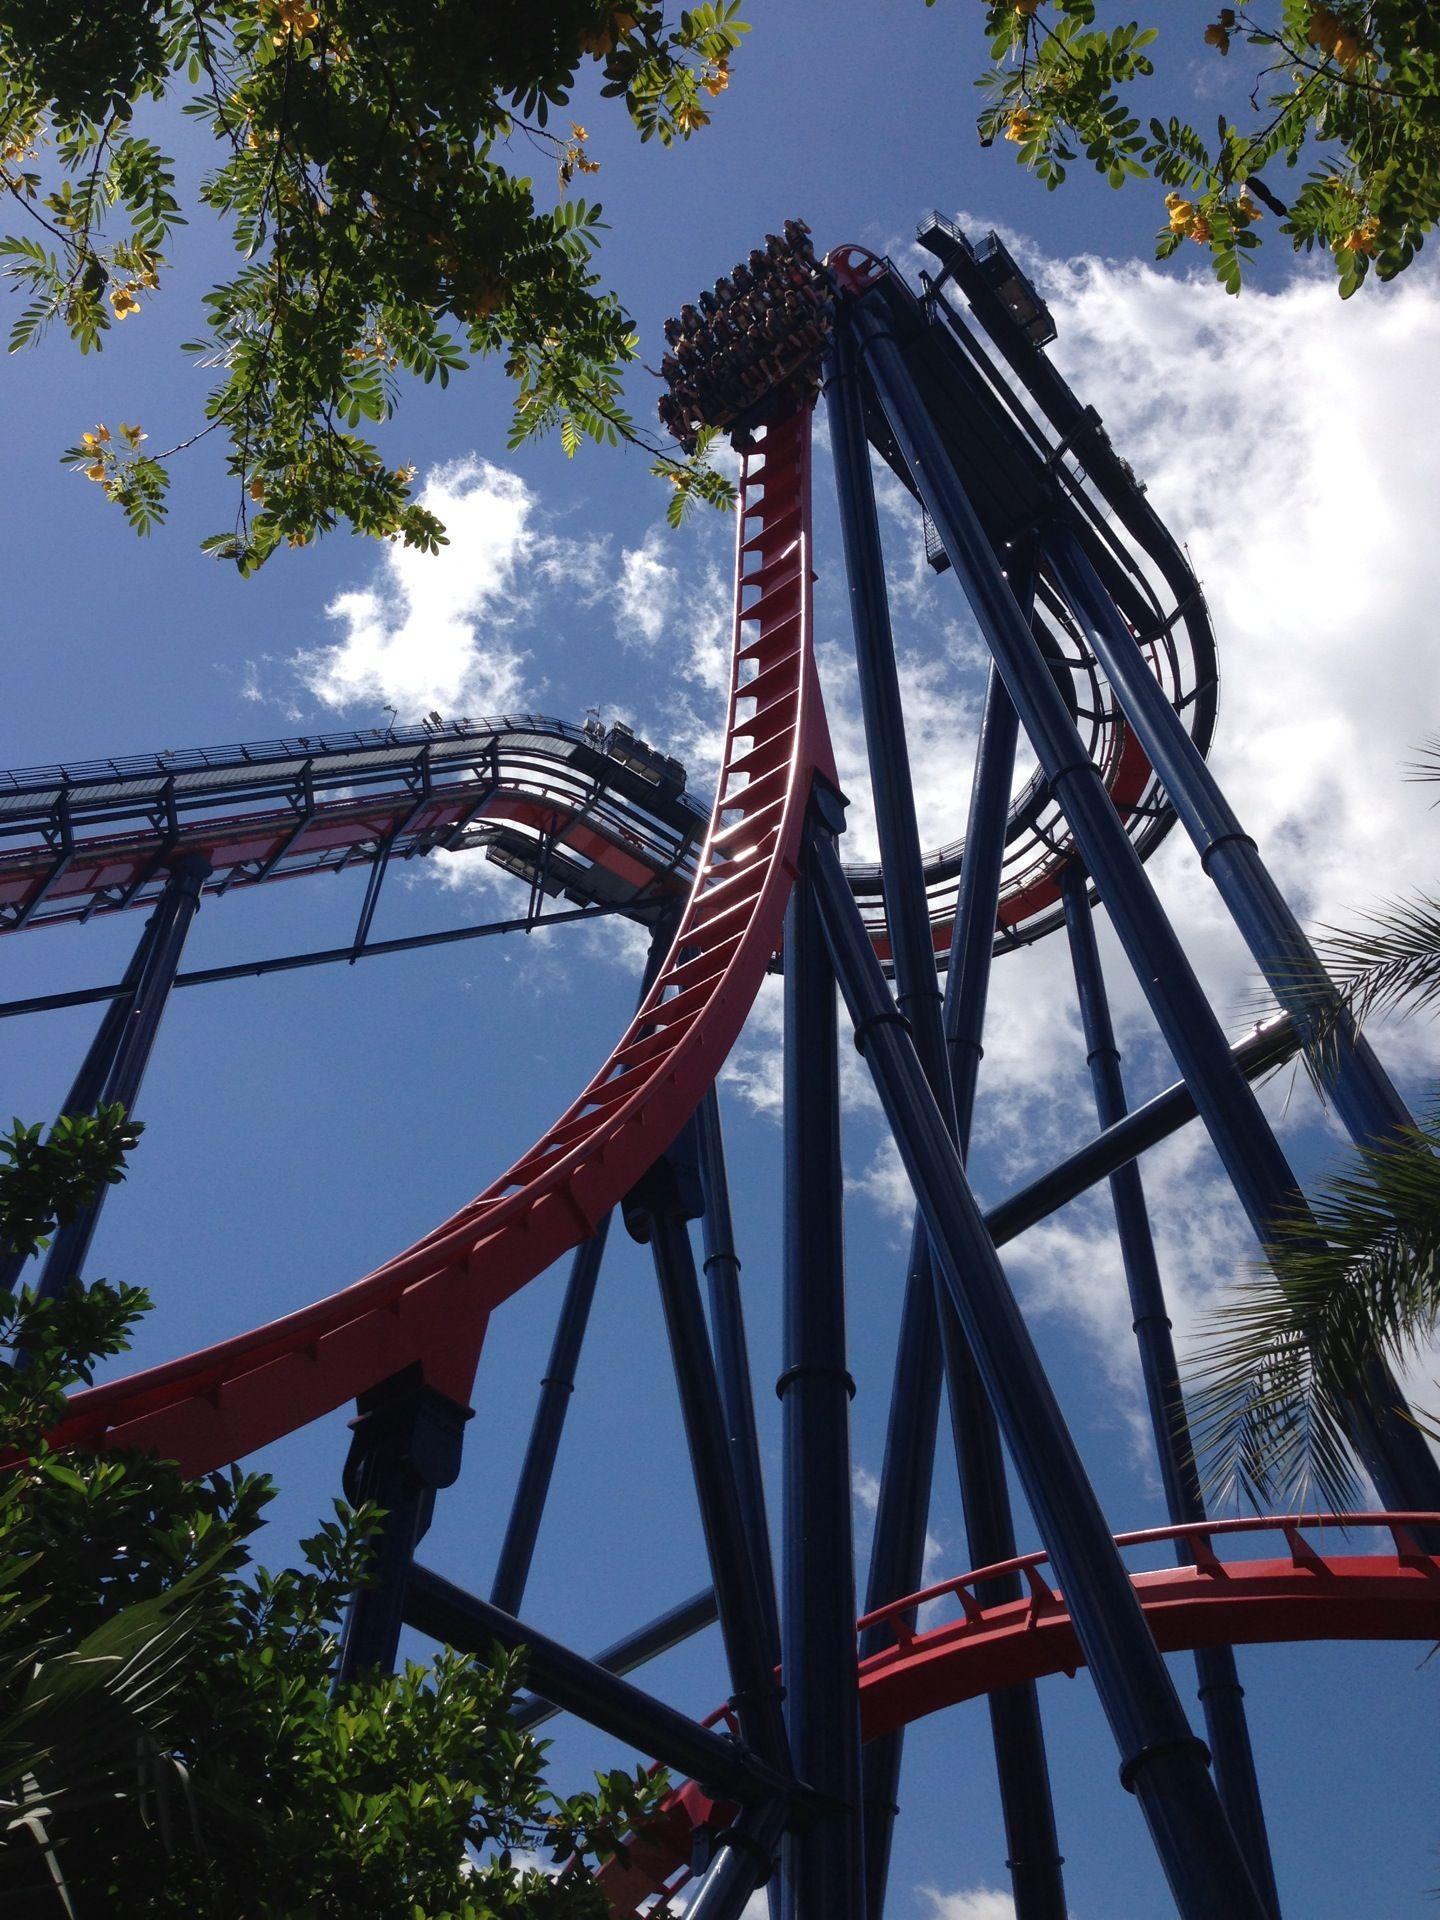 4b112e090822869812ab9e0f04853a54 - Busch Gardens Tampa Drop Off Area